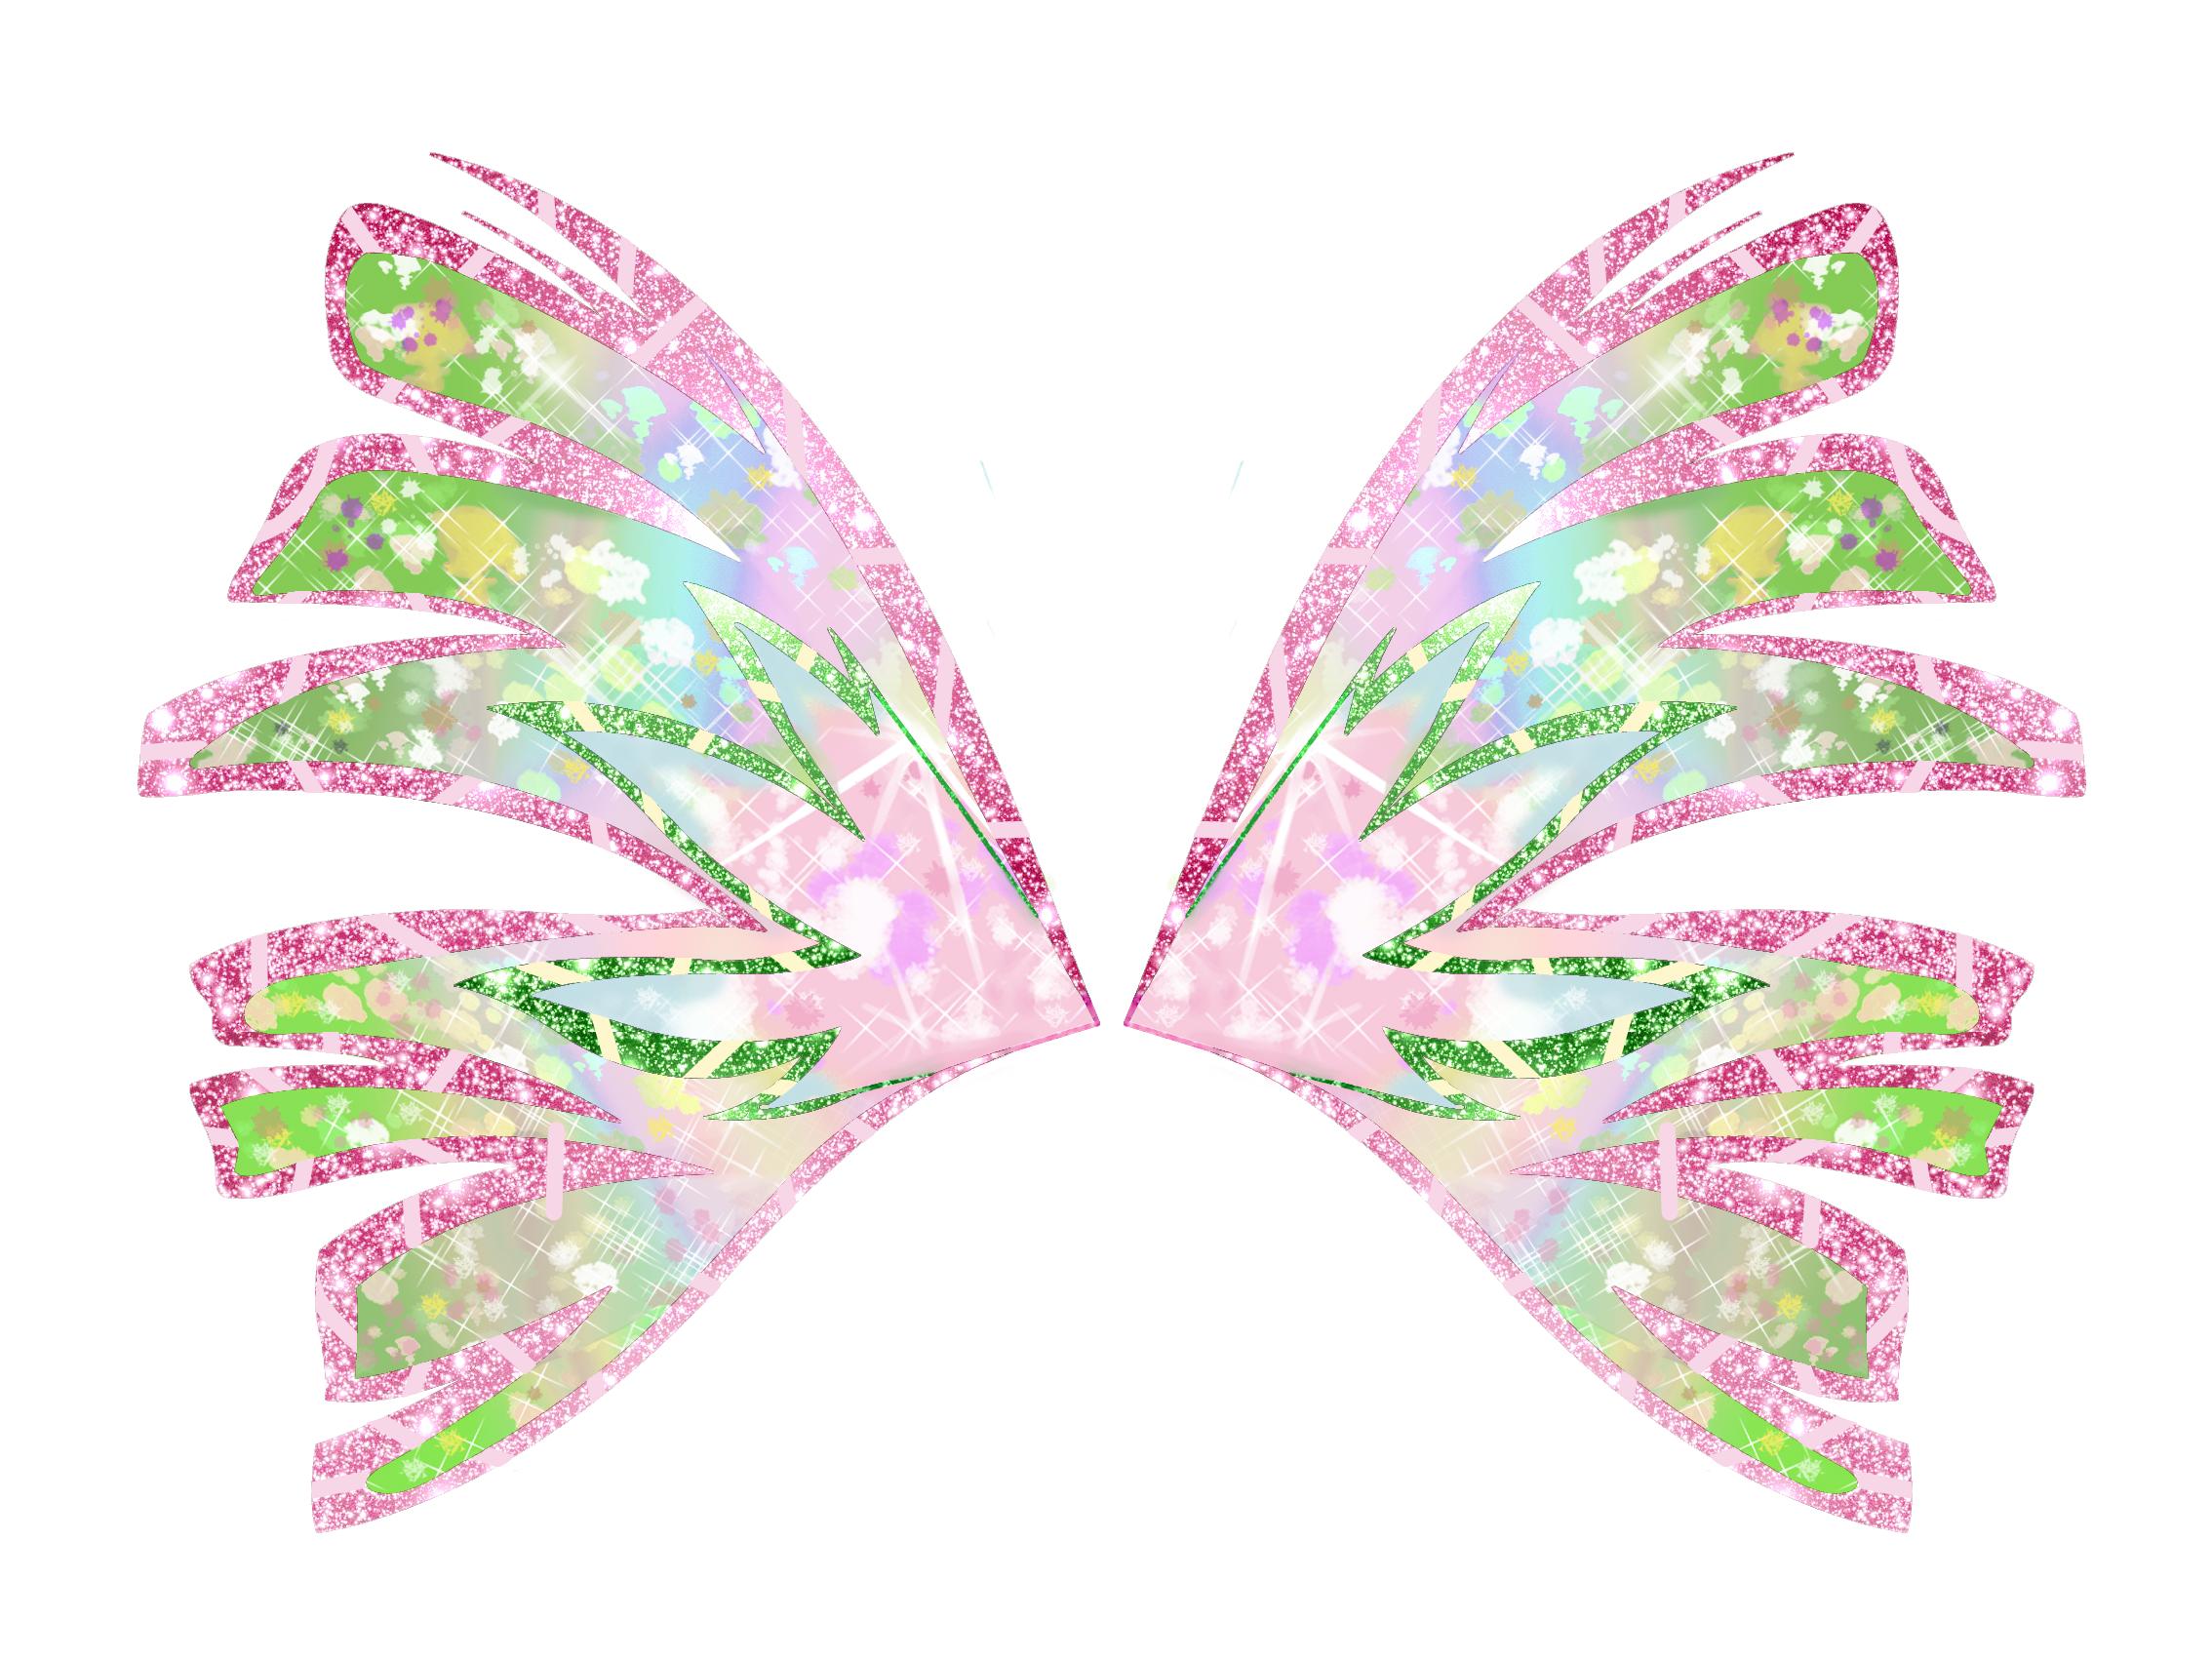 конфетно-букетной картинки только крылья флоры документы